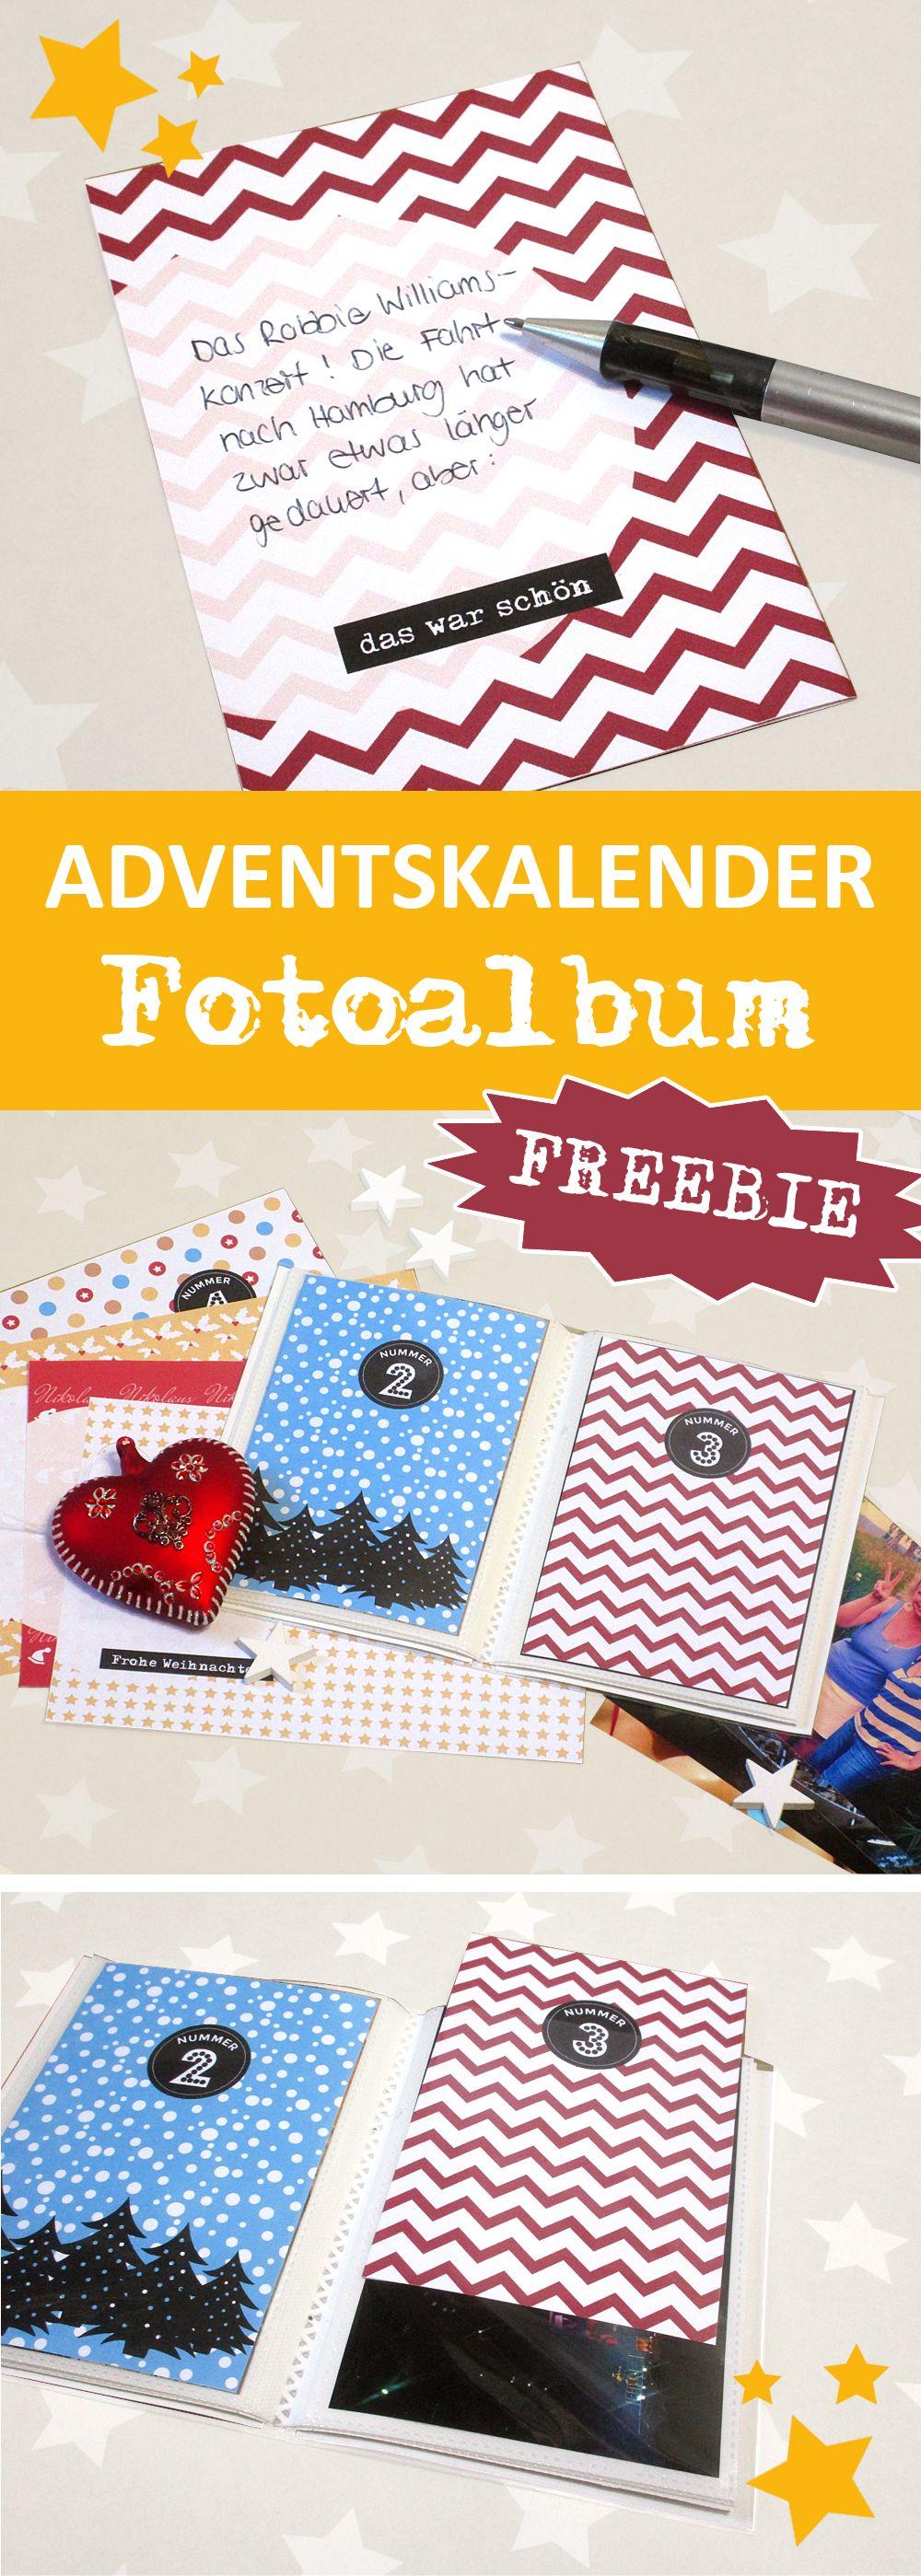 Adventskalender als Fotoalbum und schöner Rückblick aufs Jahr mit Freebies zum Runterladen und schnell selber basteln Diy Geschenke Gutschein